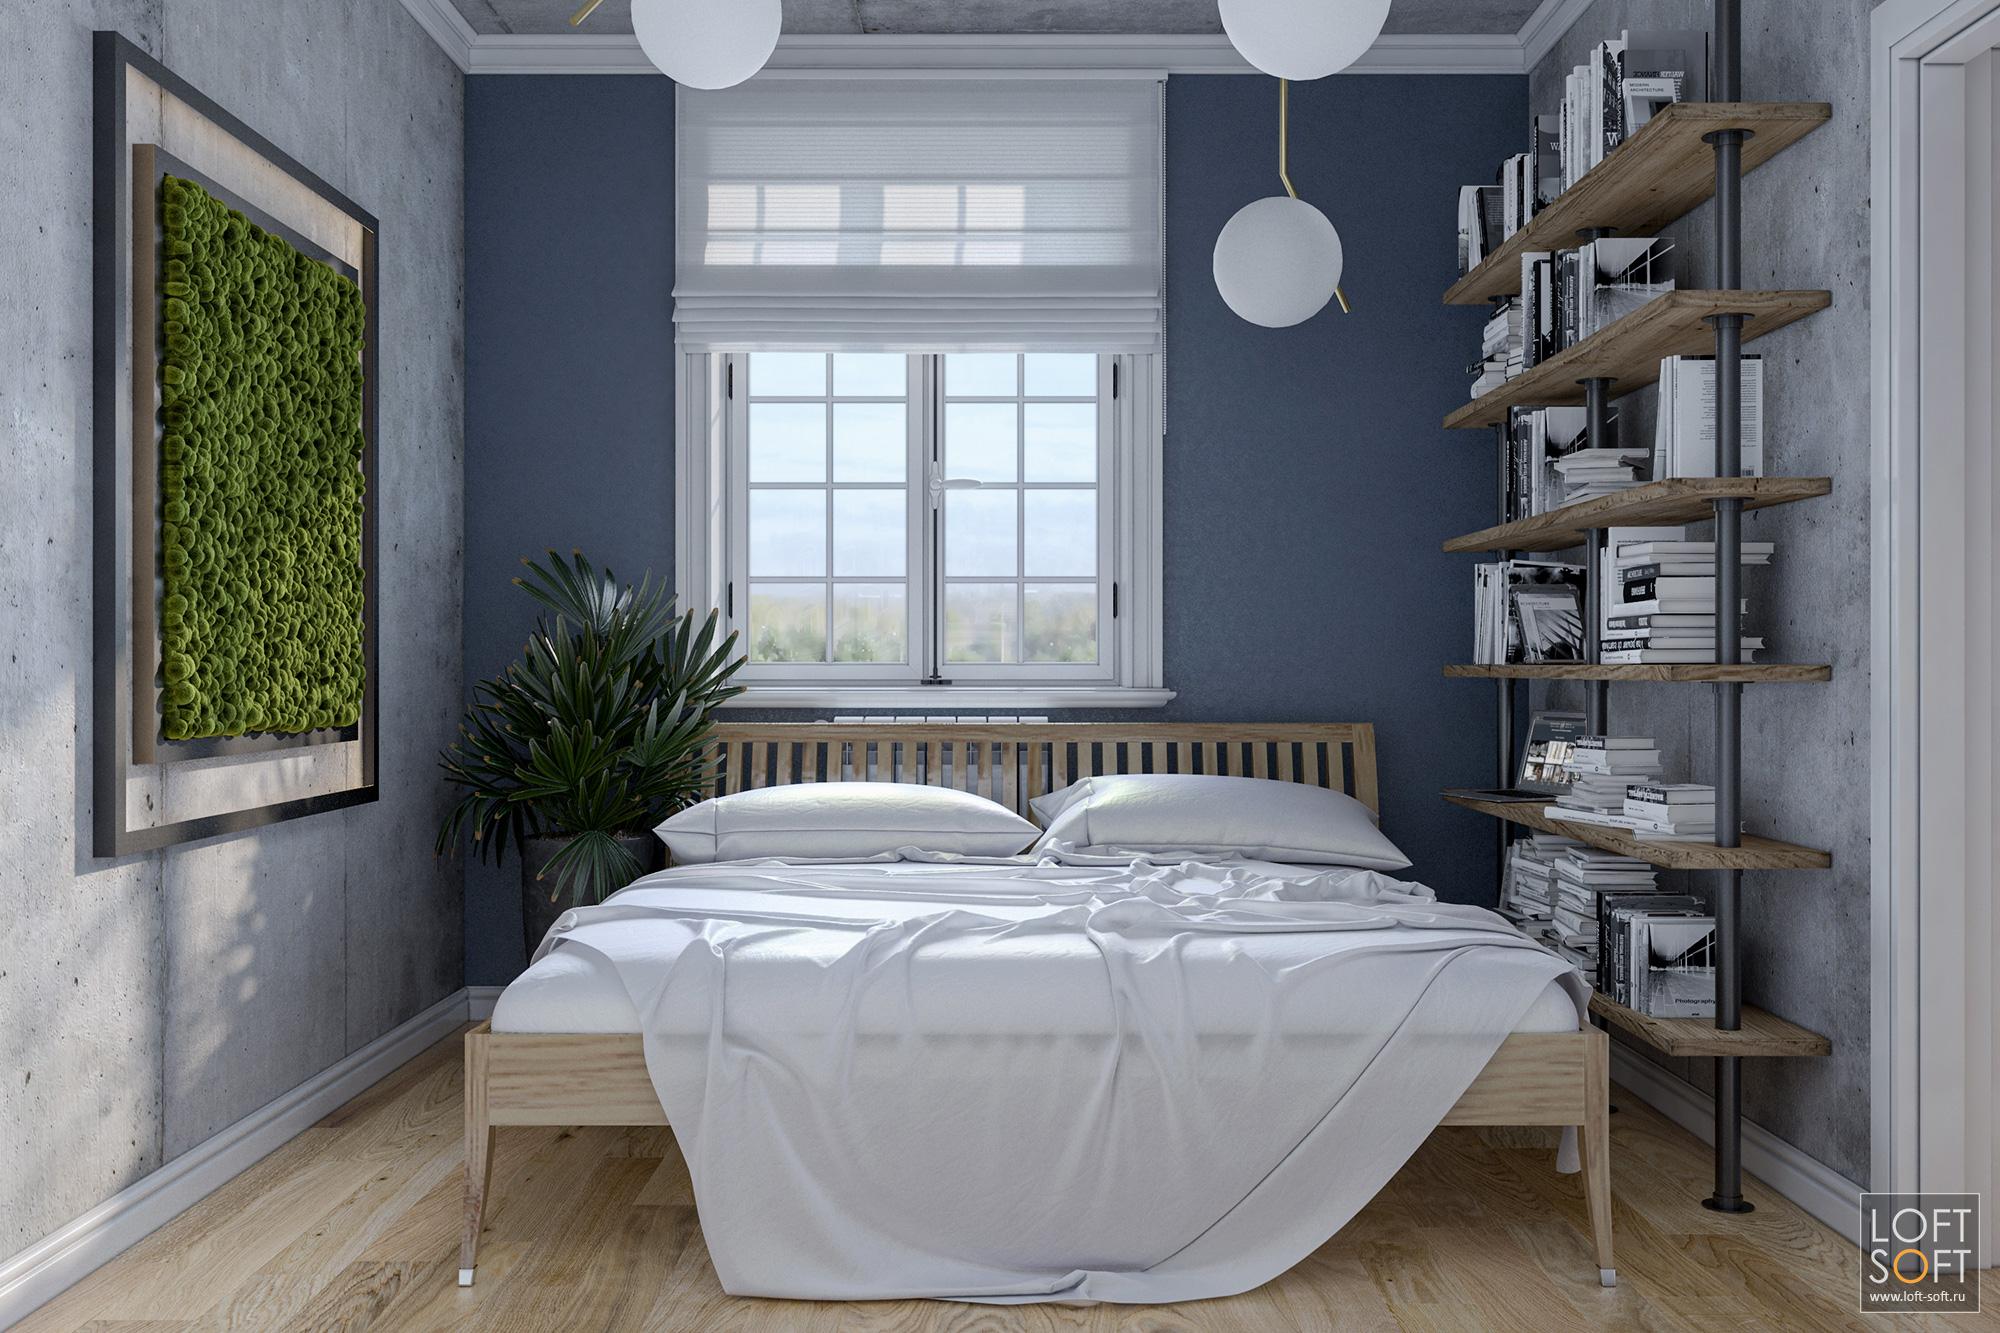 Спальня встиле лофт, синяя стена, бетонные стены